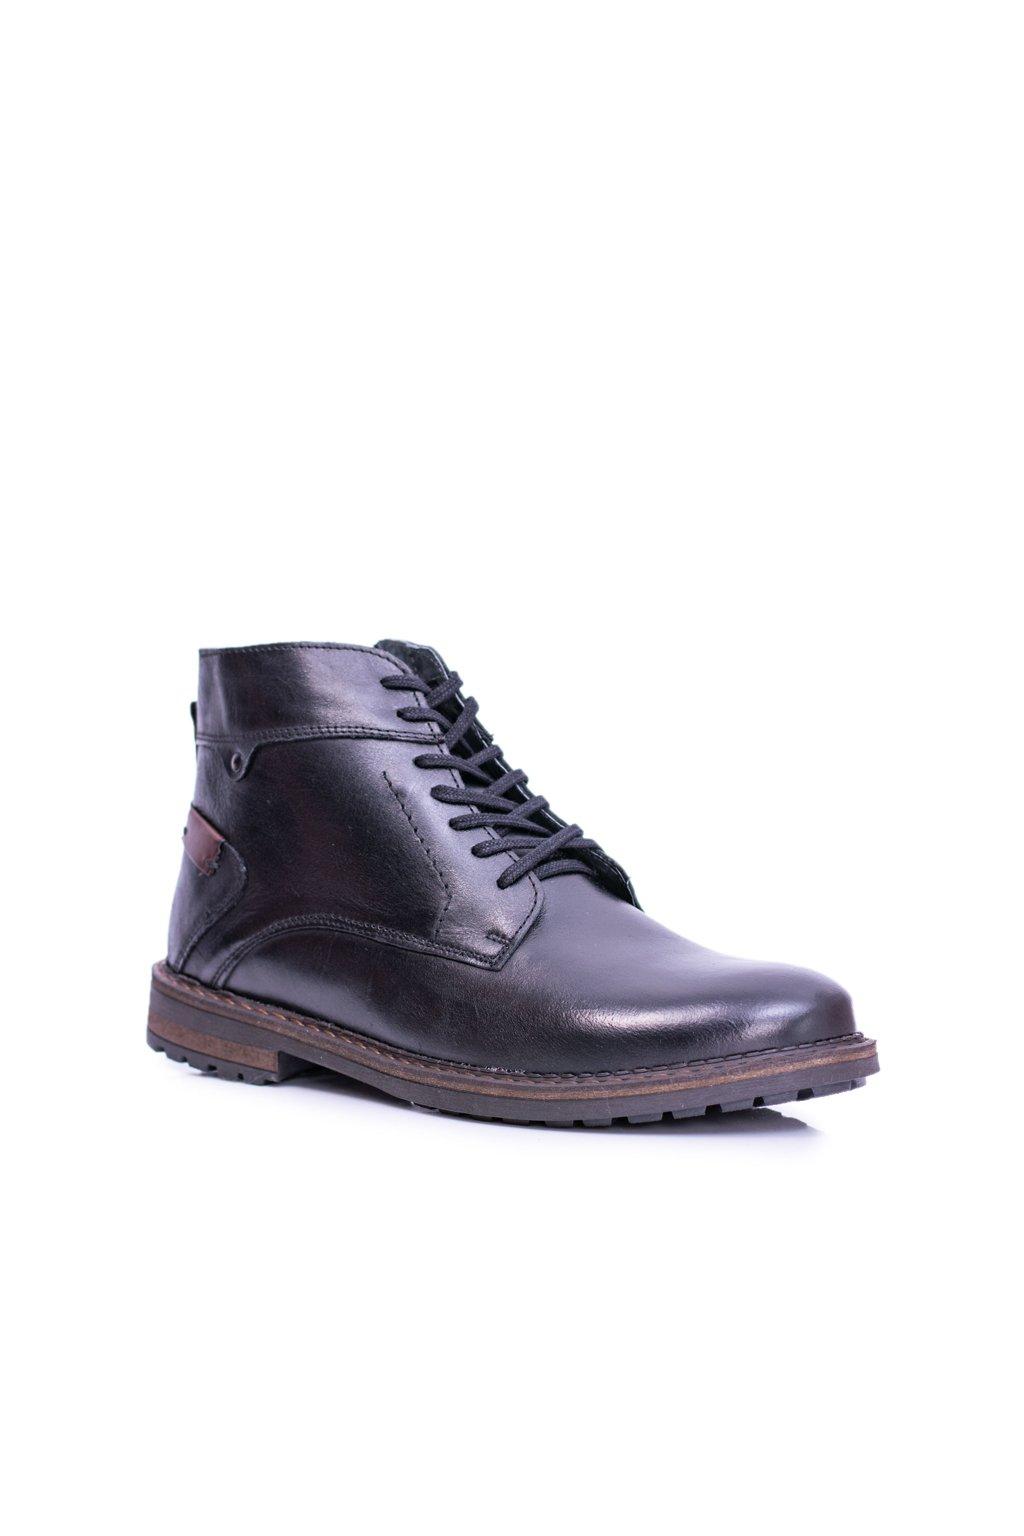 Čierne topánky pánske kožené hrejivé topánky Devenor